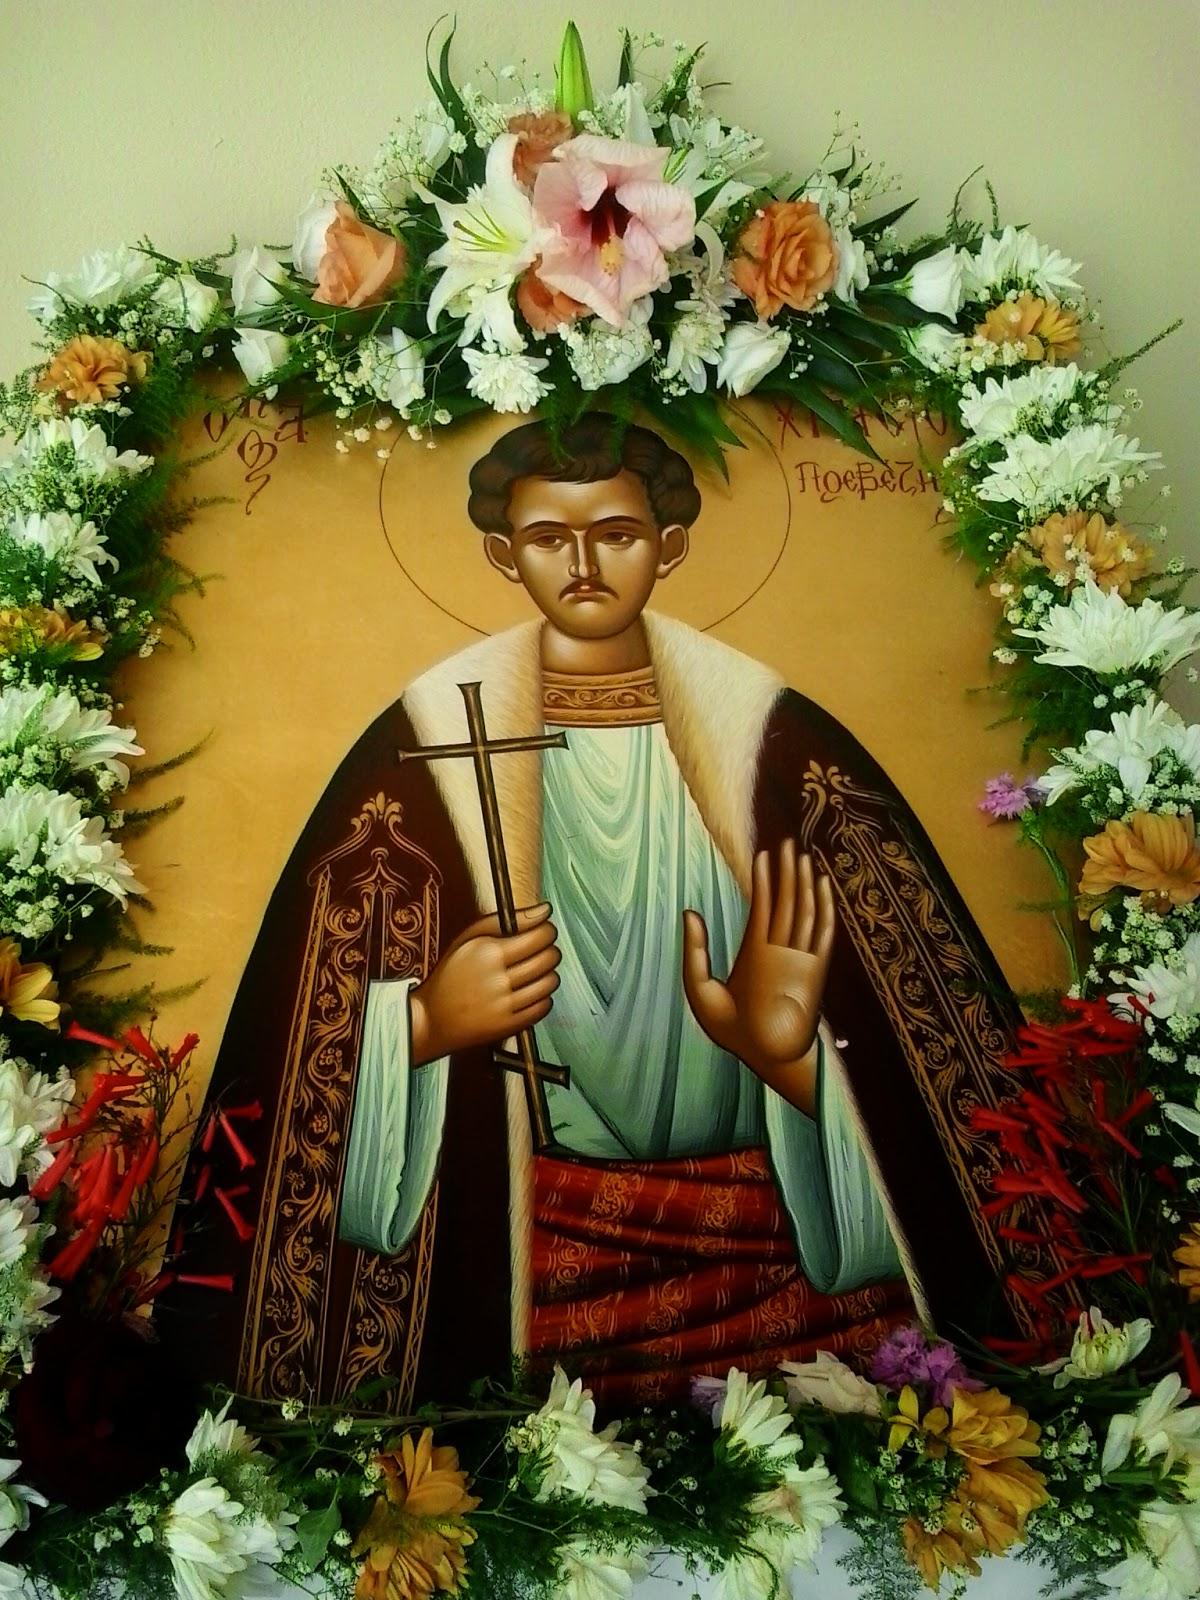 Άγιος Χρήστος Πρεβέζης-5 Αυγούστου: Τα μαρτύρια και το αναλλοίωτο λείψανο -  ΕΚΚΛΗΣΙΑ ONLINE